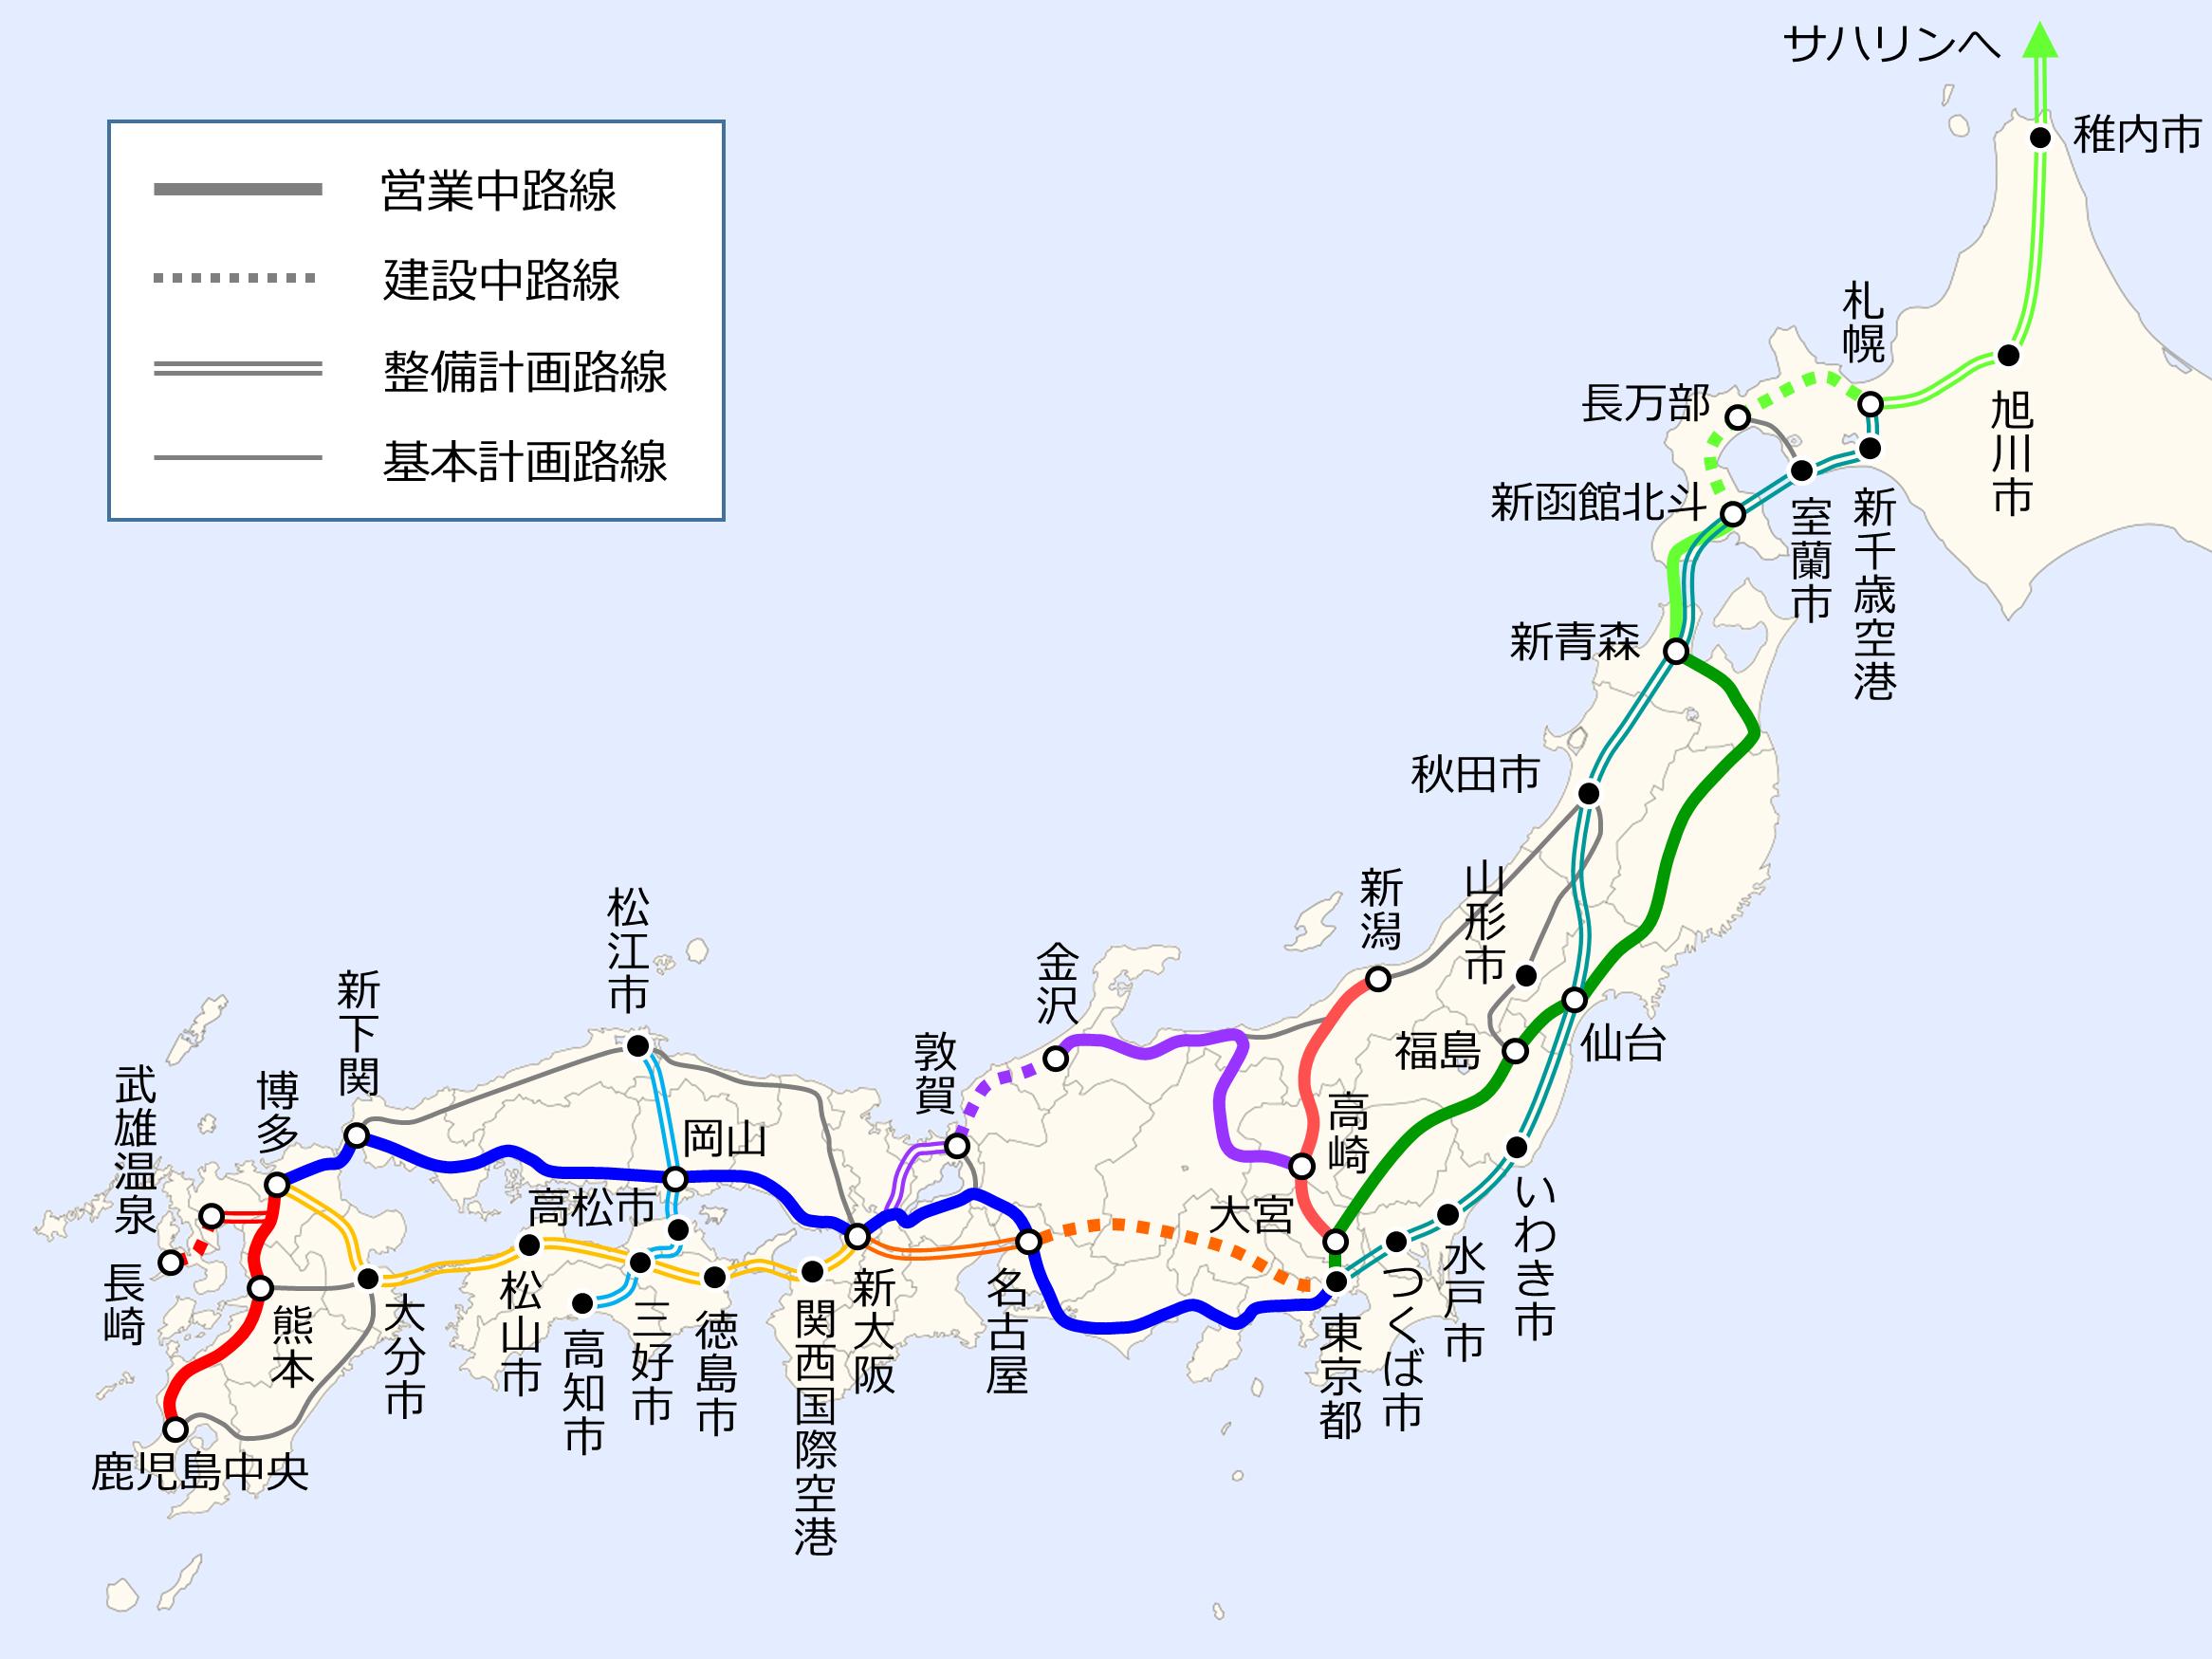 FileShinkansen Network Of Japan Proposed By HRP On Ja - Japan map 2017